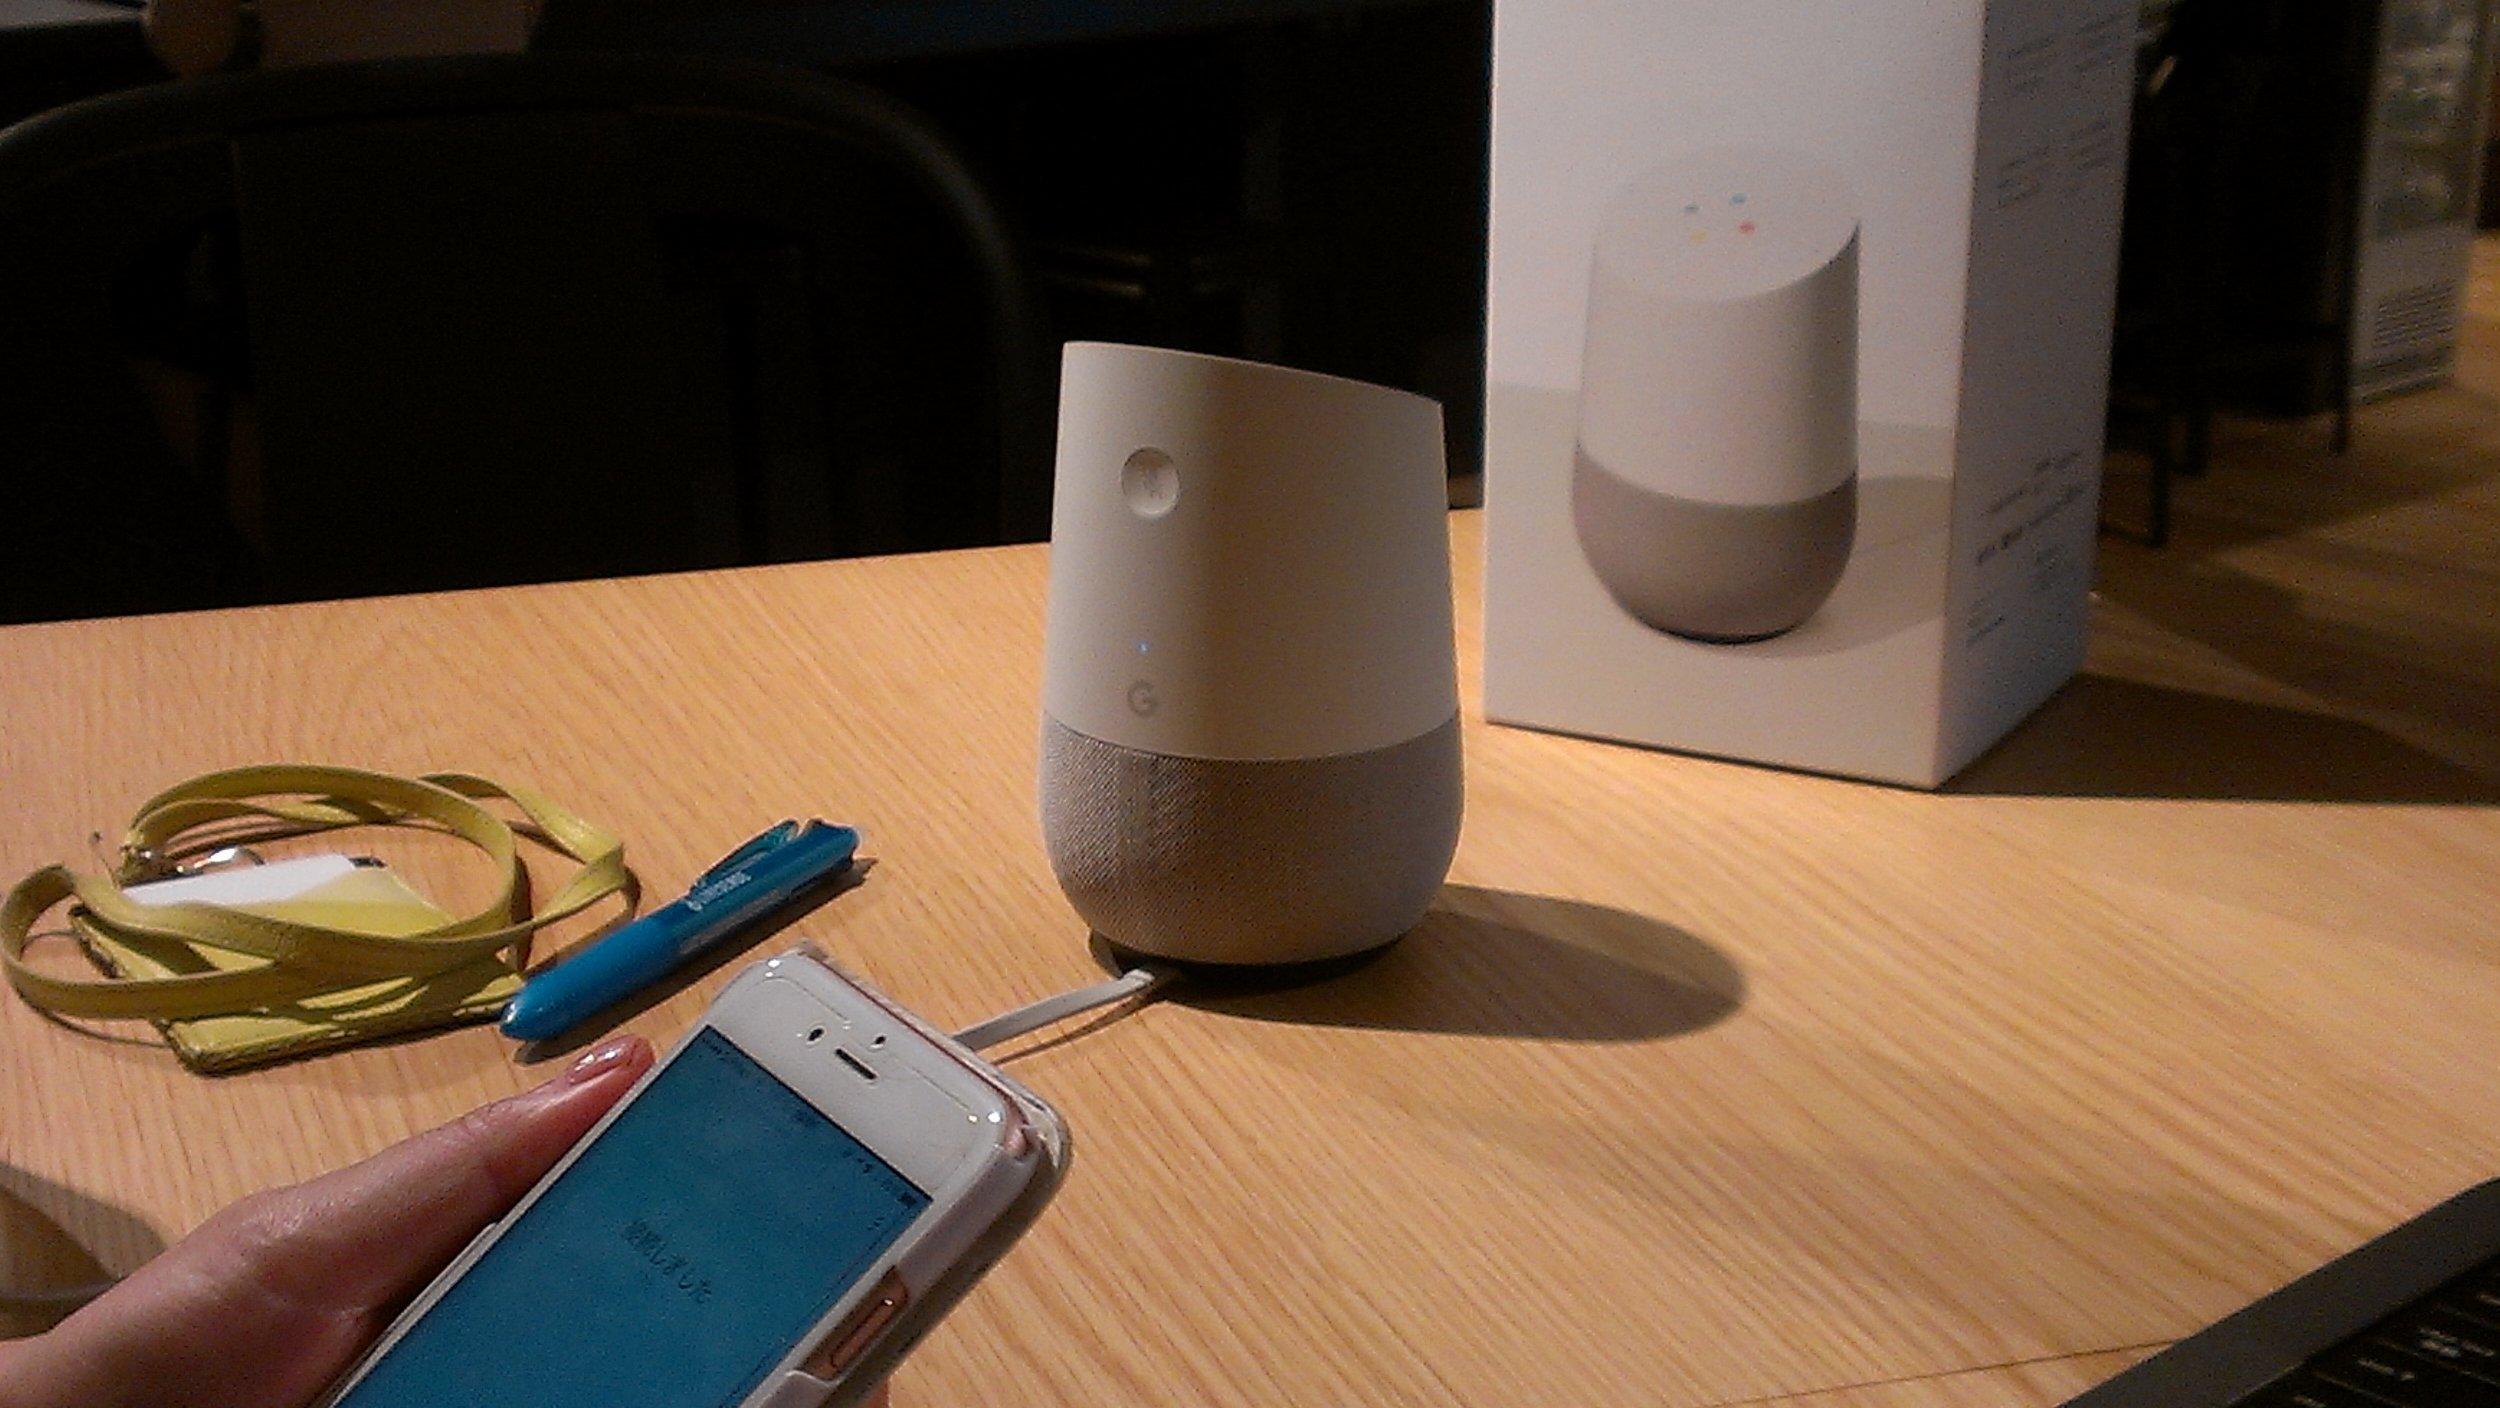 スマートホームの今。IoT家電は不動産物件を探せるのか